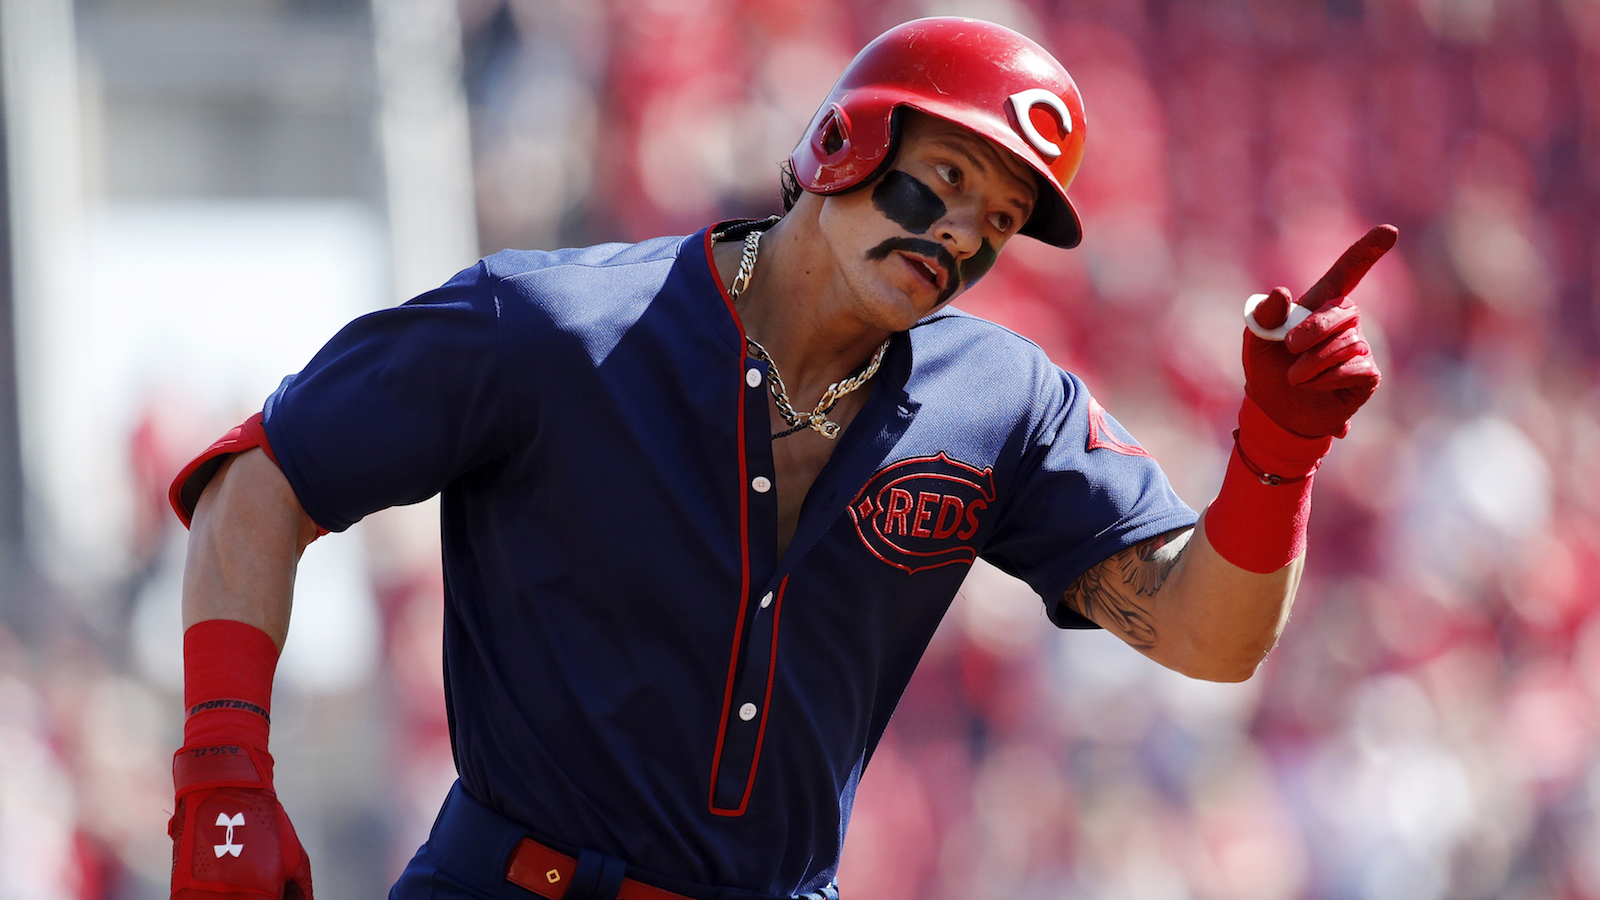 Reds throwbacks: Derek Dietrich wears eye black mustache